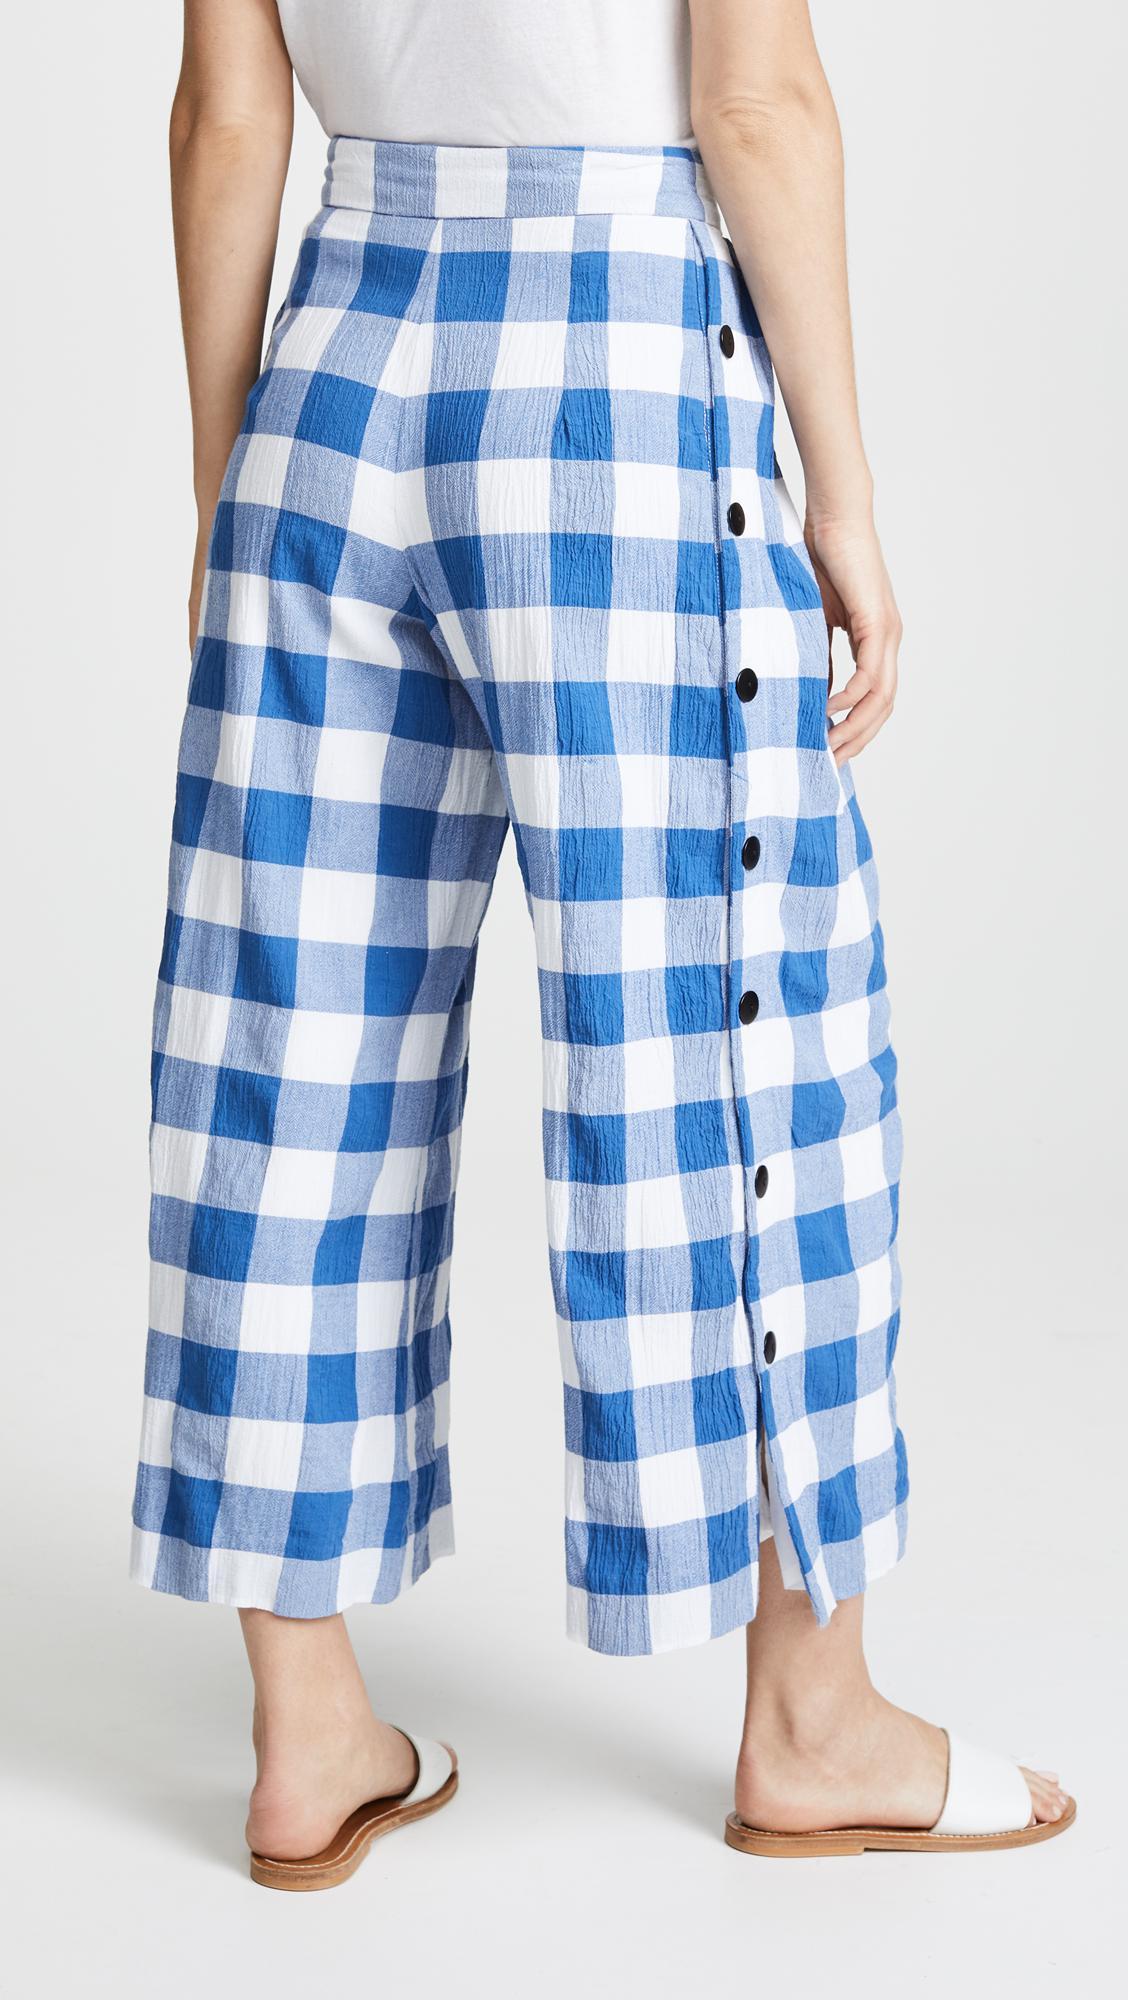 Angie Haute Comparer La Taille Des Pantalons De Coton Biologique - Bleu Mara Hoffman xDwsXEQN